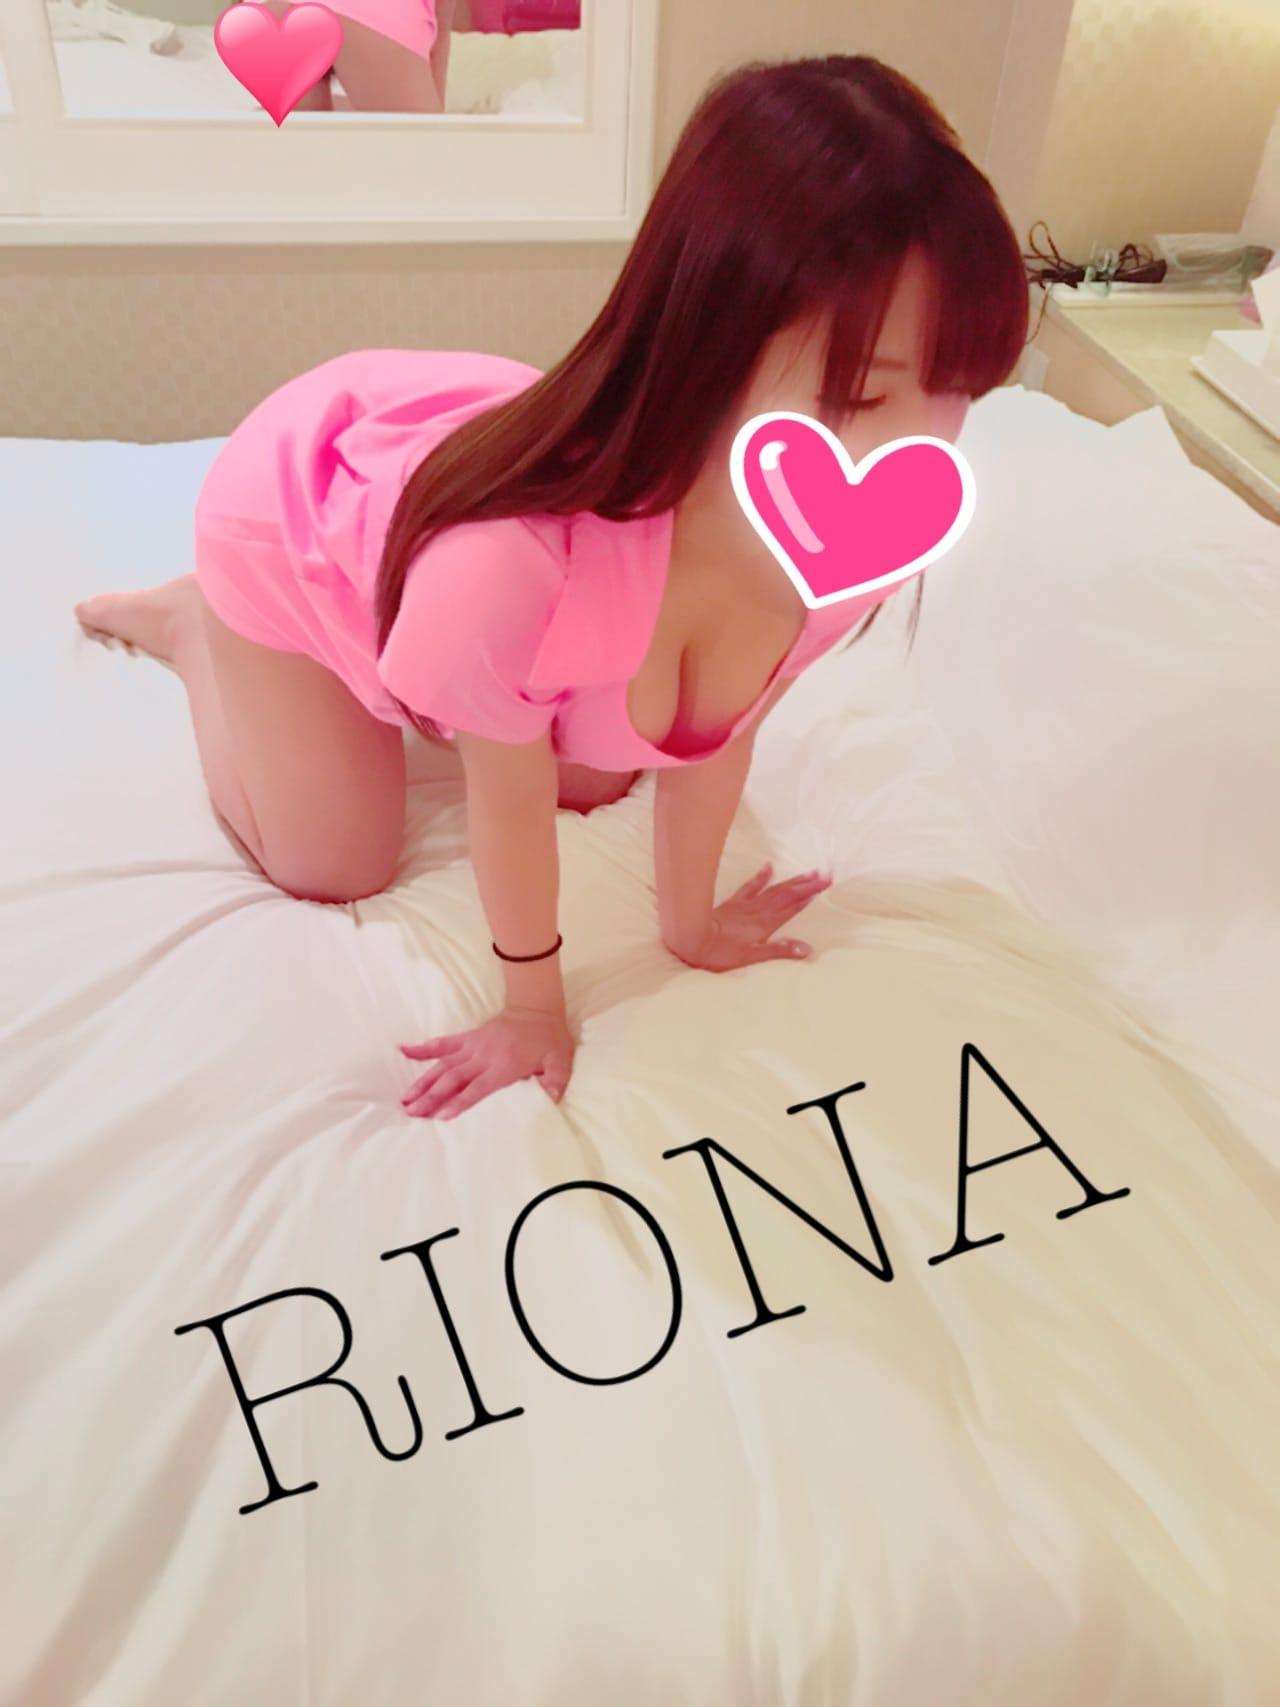 「御礼♡*.+゜」03/17(03/17) 21:26 | リオナの写メ・風俗動画